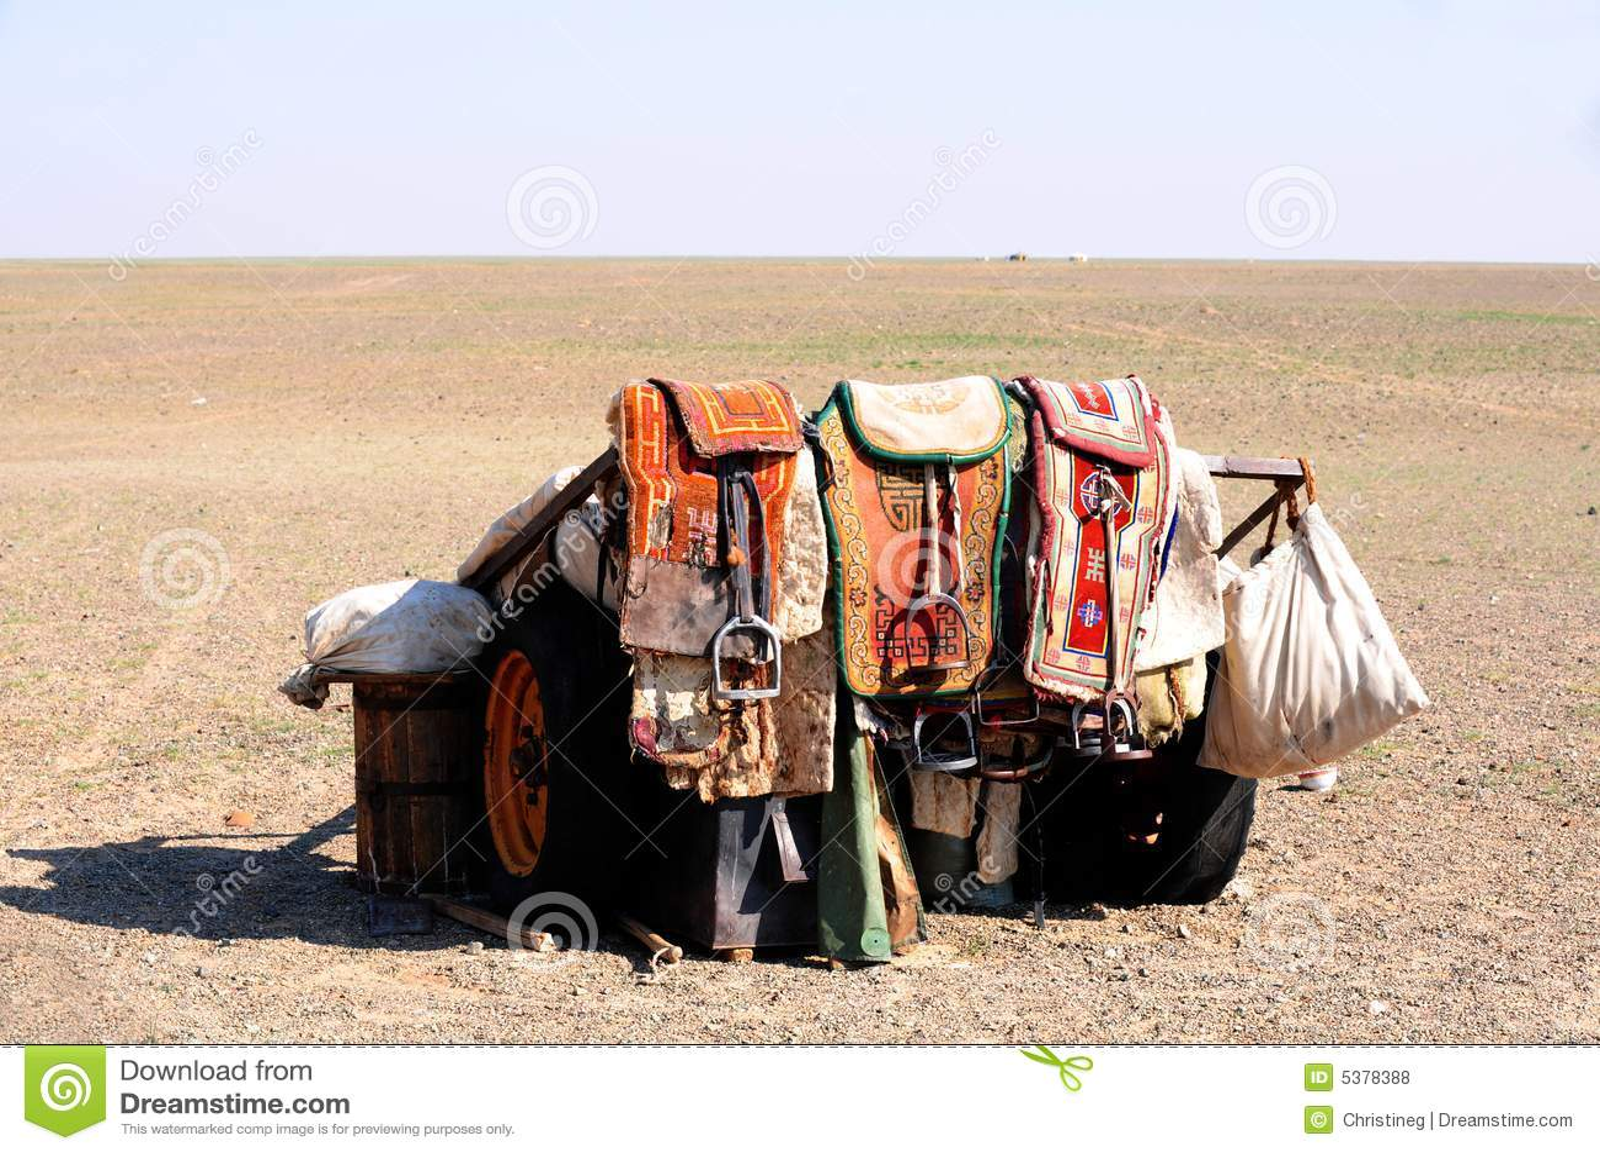 Mongolia – nomad horse saddles